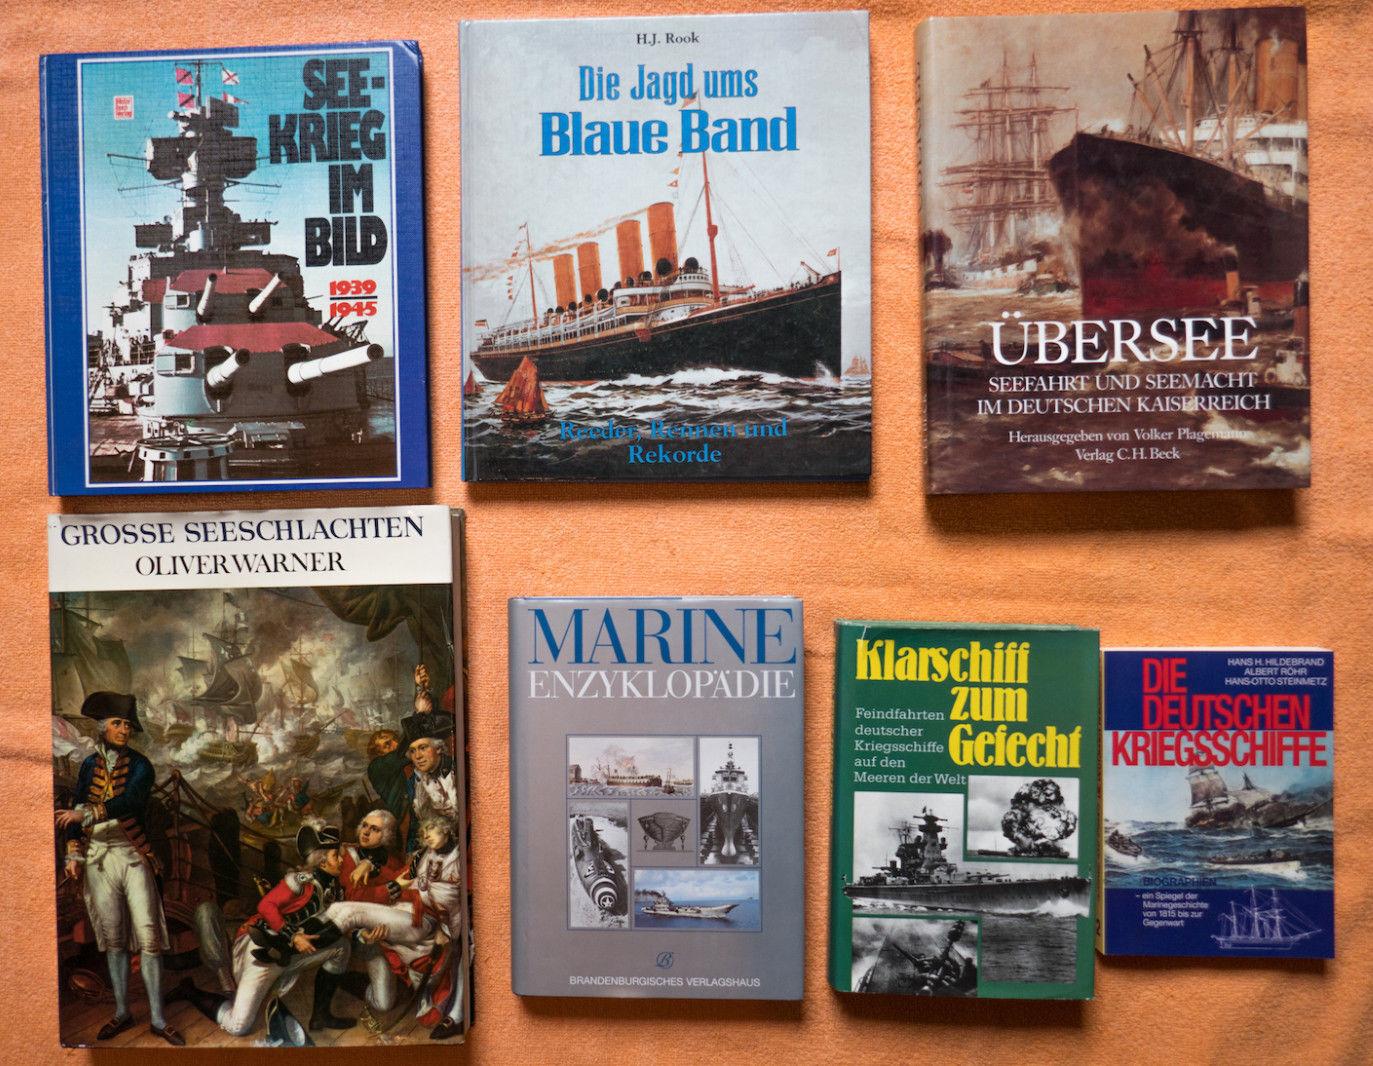 7 Bücher 2. Weltkrieg Sammlung Literatur Militär Posten Buch Konvolut, Marine..